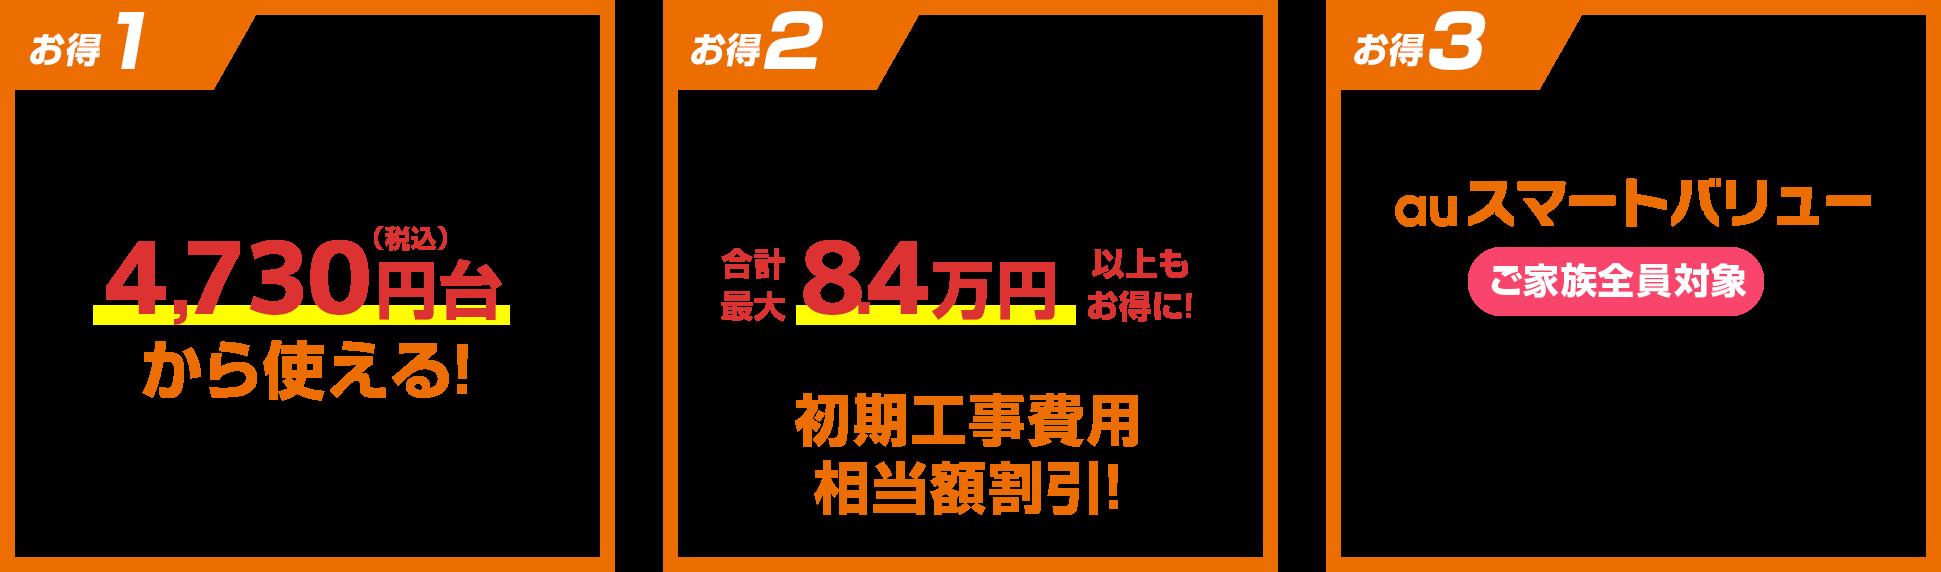 月額4,730円(税抜)~の定額プラン!特典でさらにおトク!